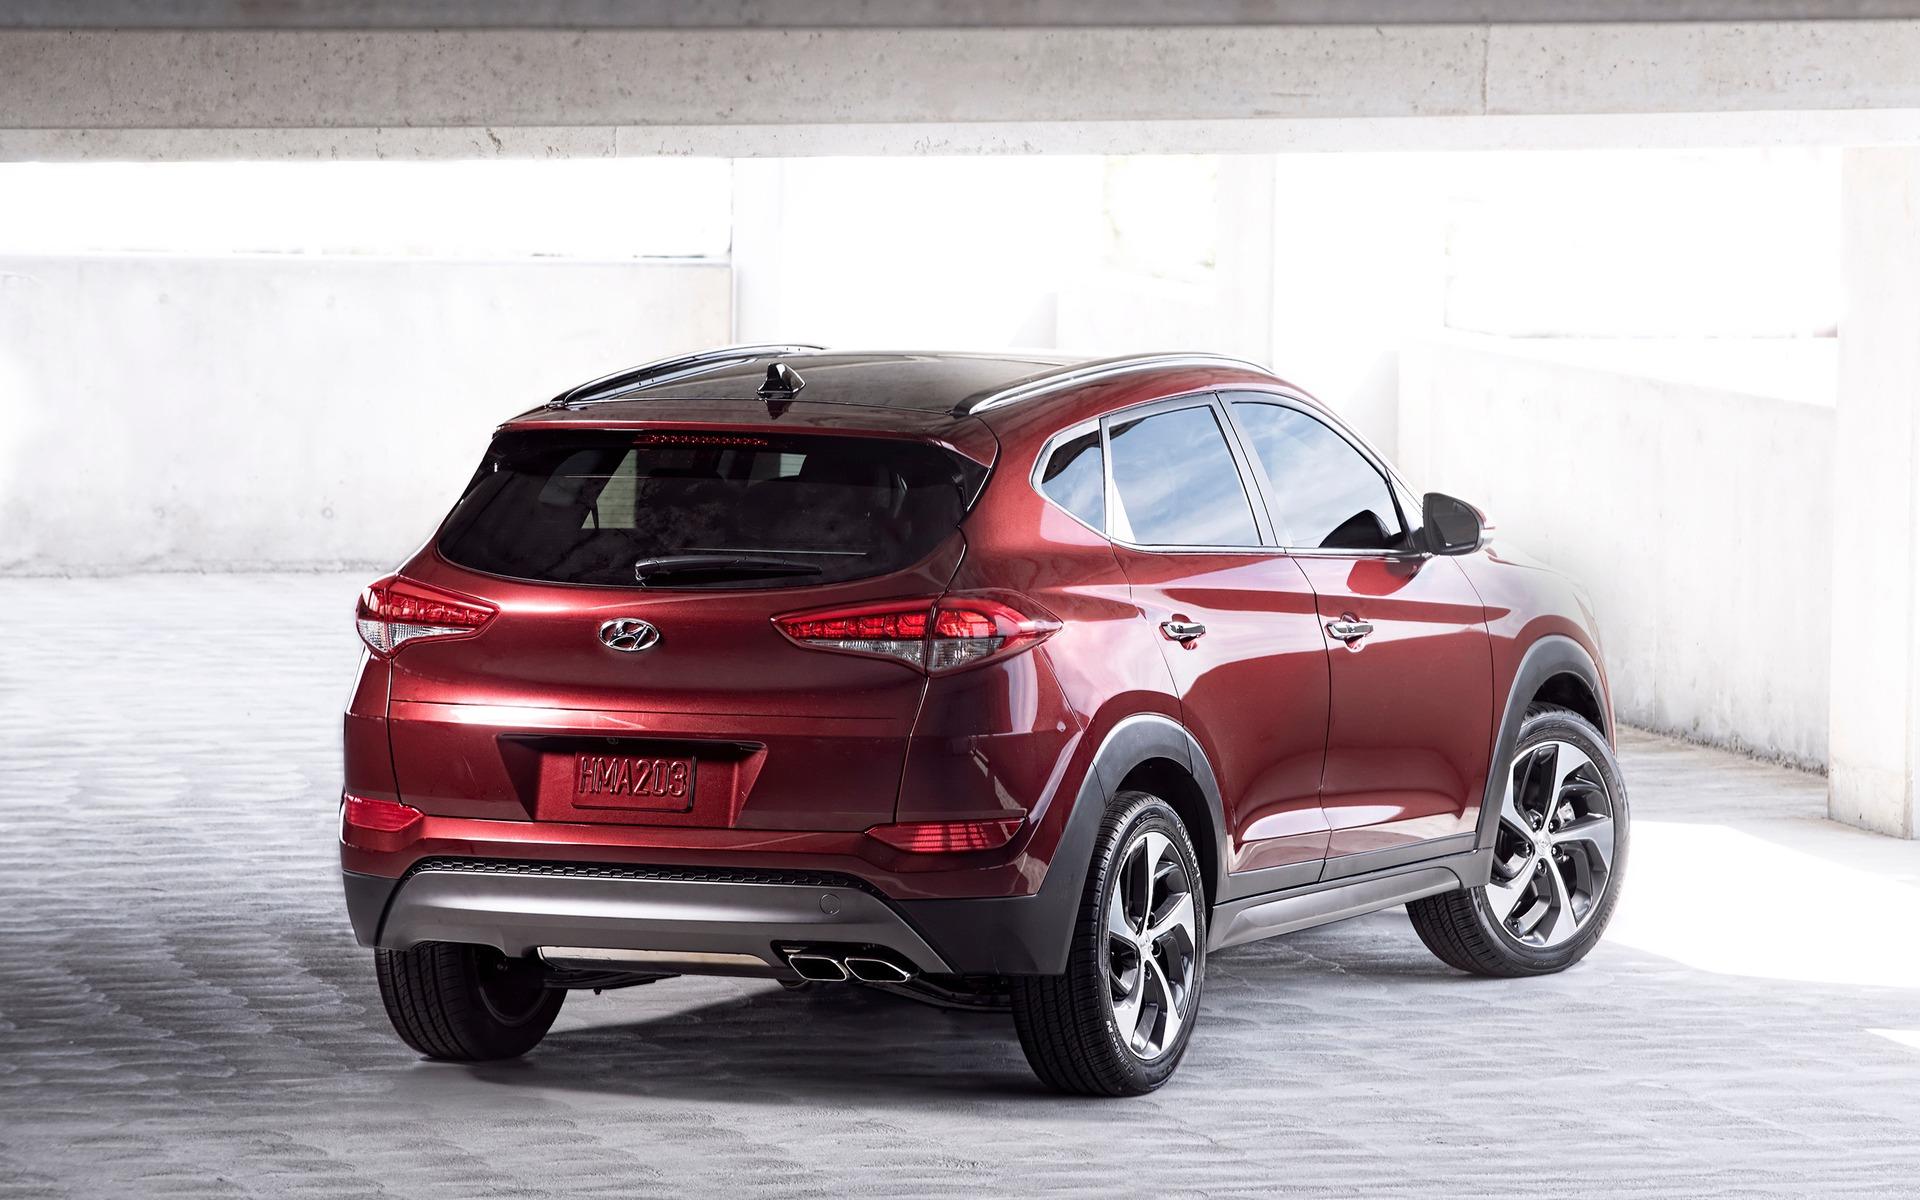 Hyundai Tucson 2015 >> 2016 Hyundai Tucson: It's About Time! - 13/18